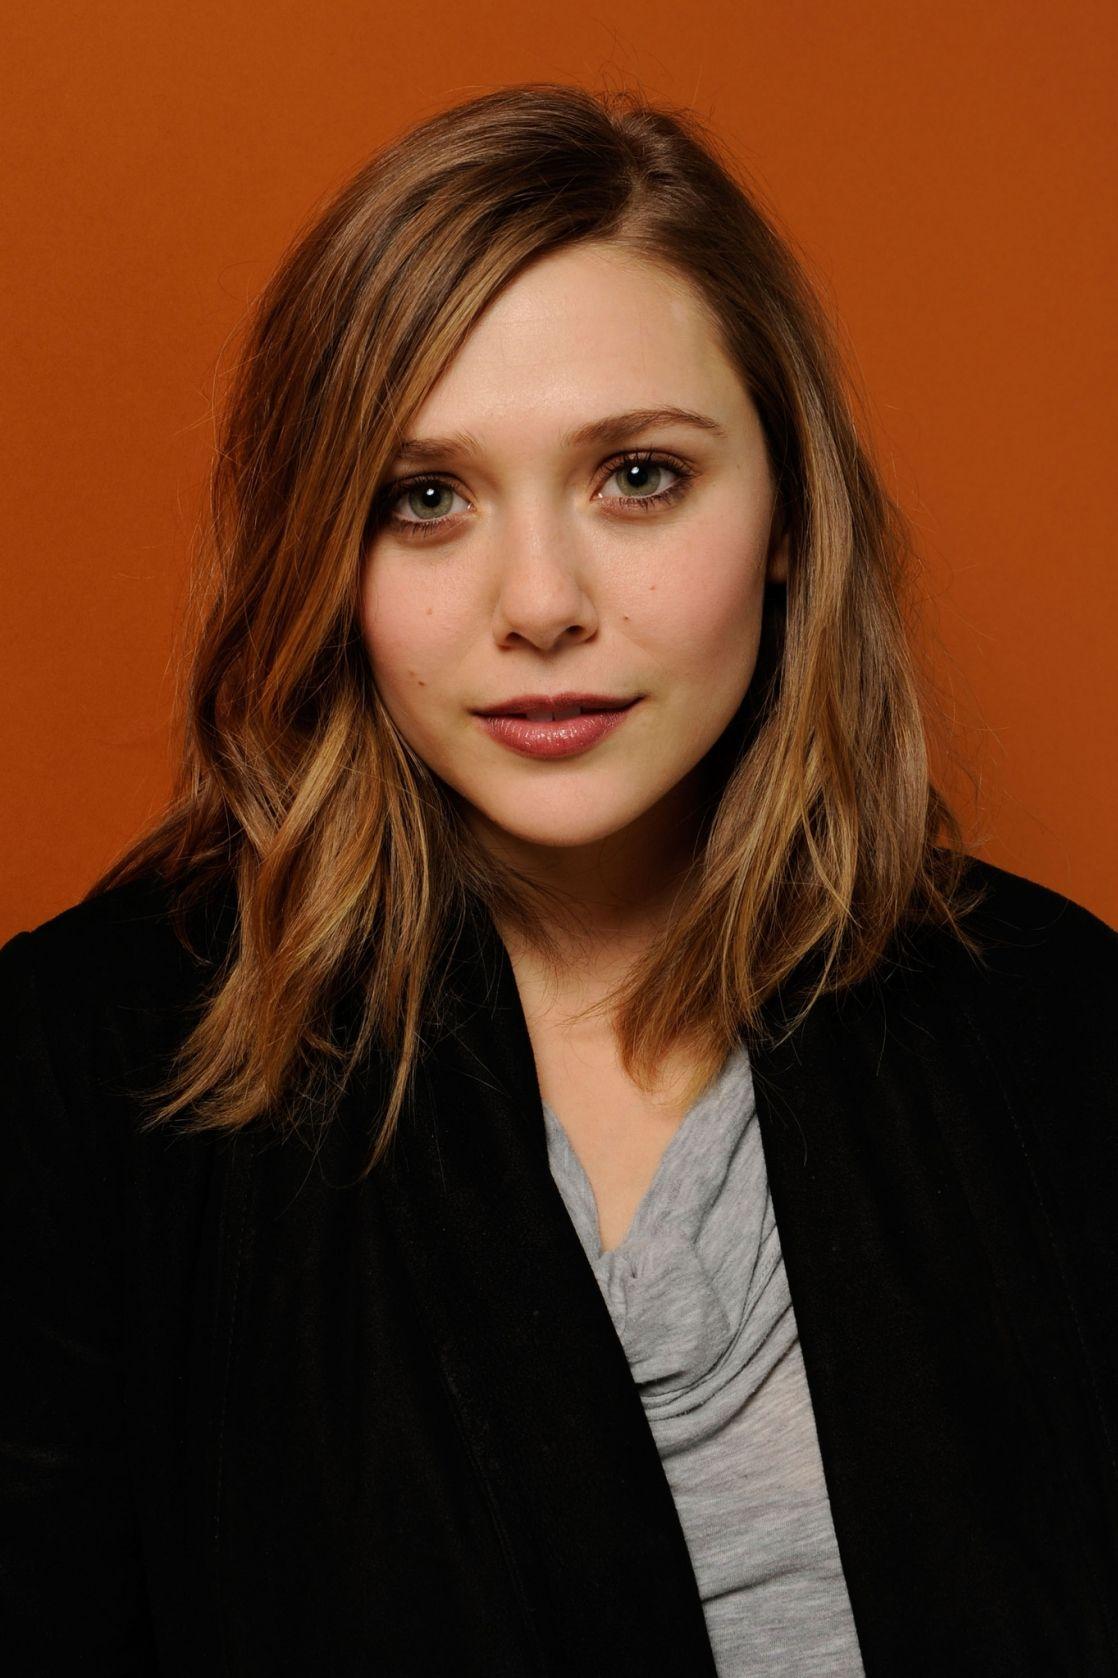 Elizabeth Olsen Elizabeth Olsen Haircut Elizabeth Olsen Short Hair Styles